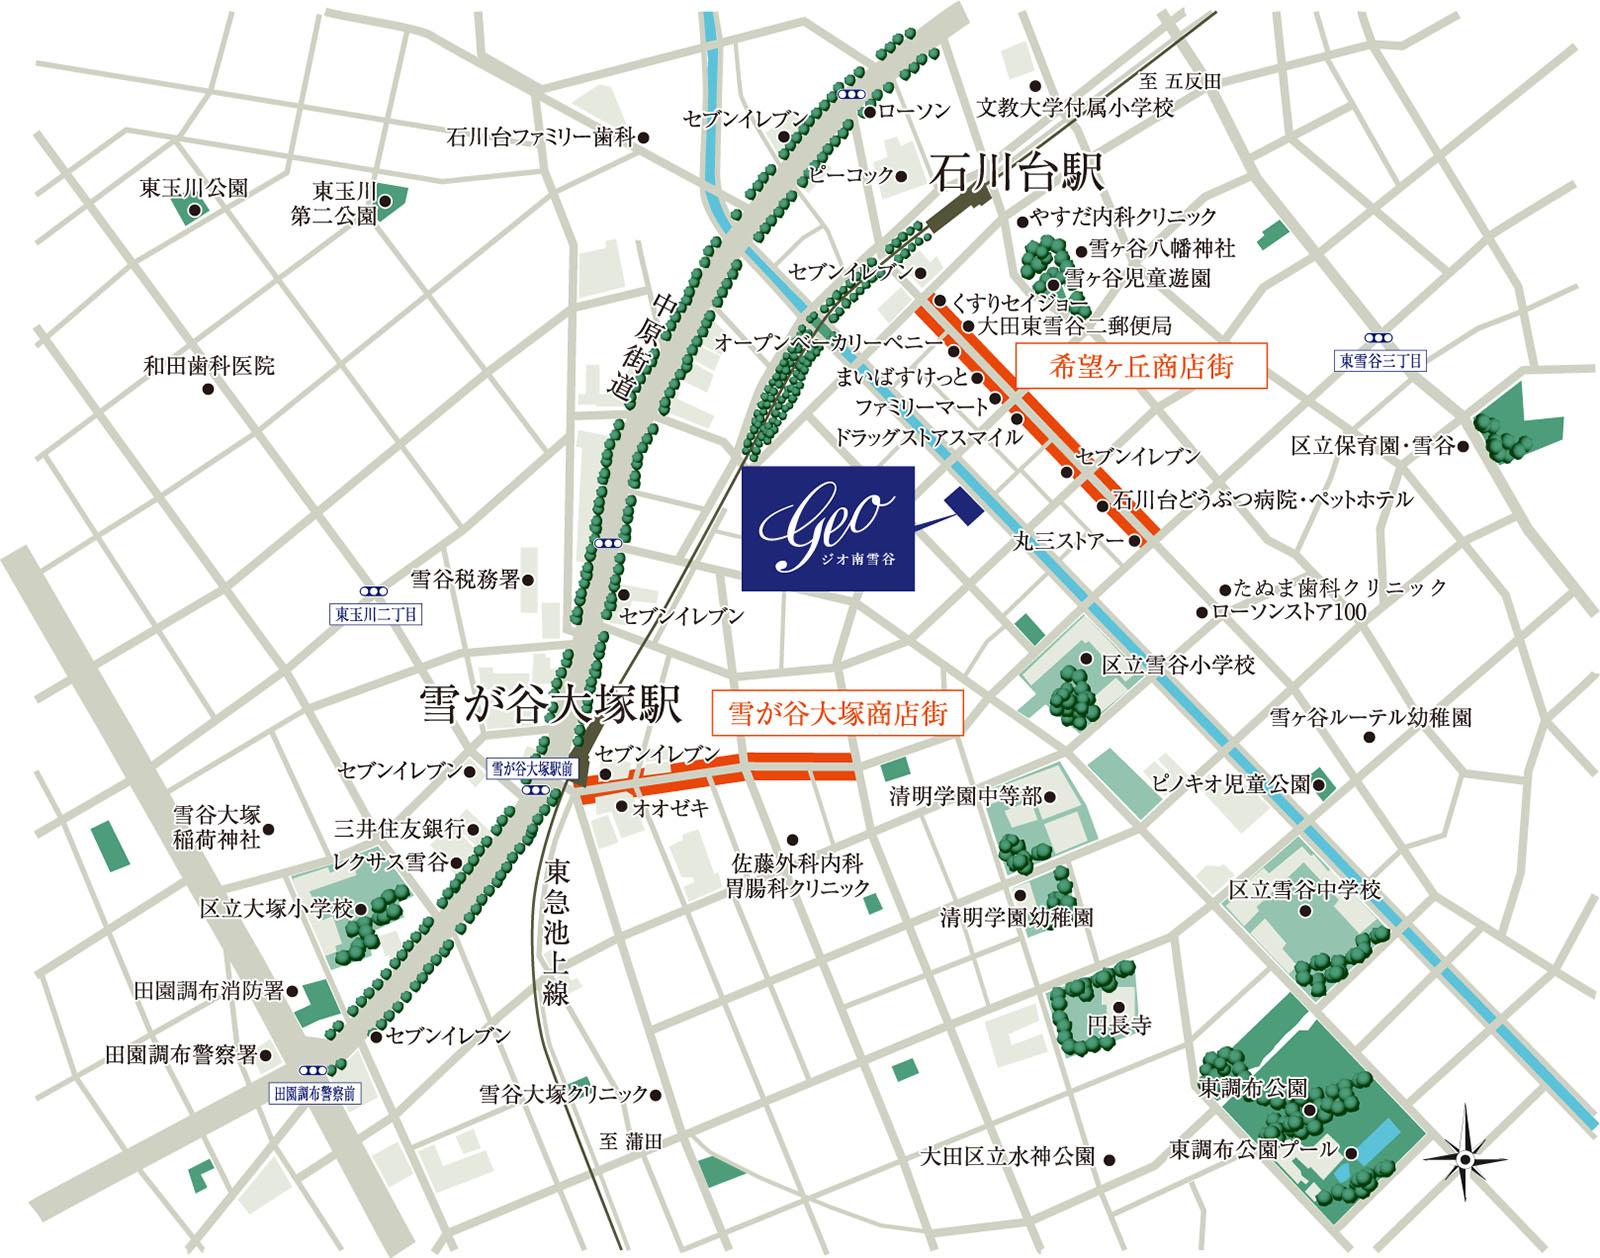 ジオ南雪谷:モデルルーム地図